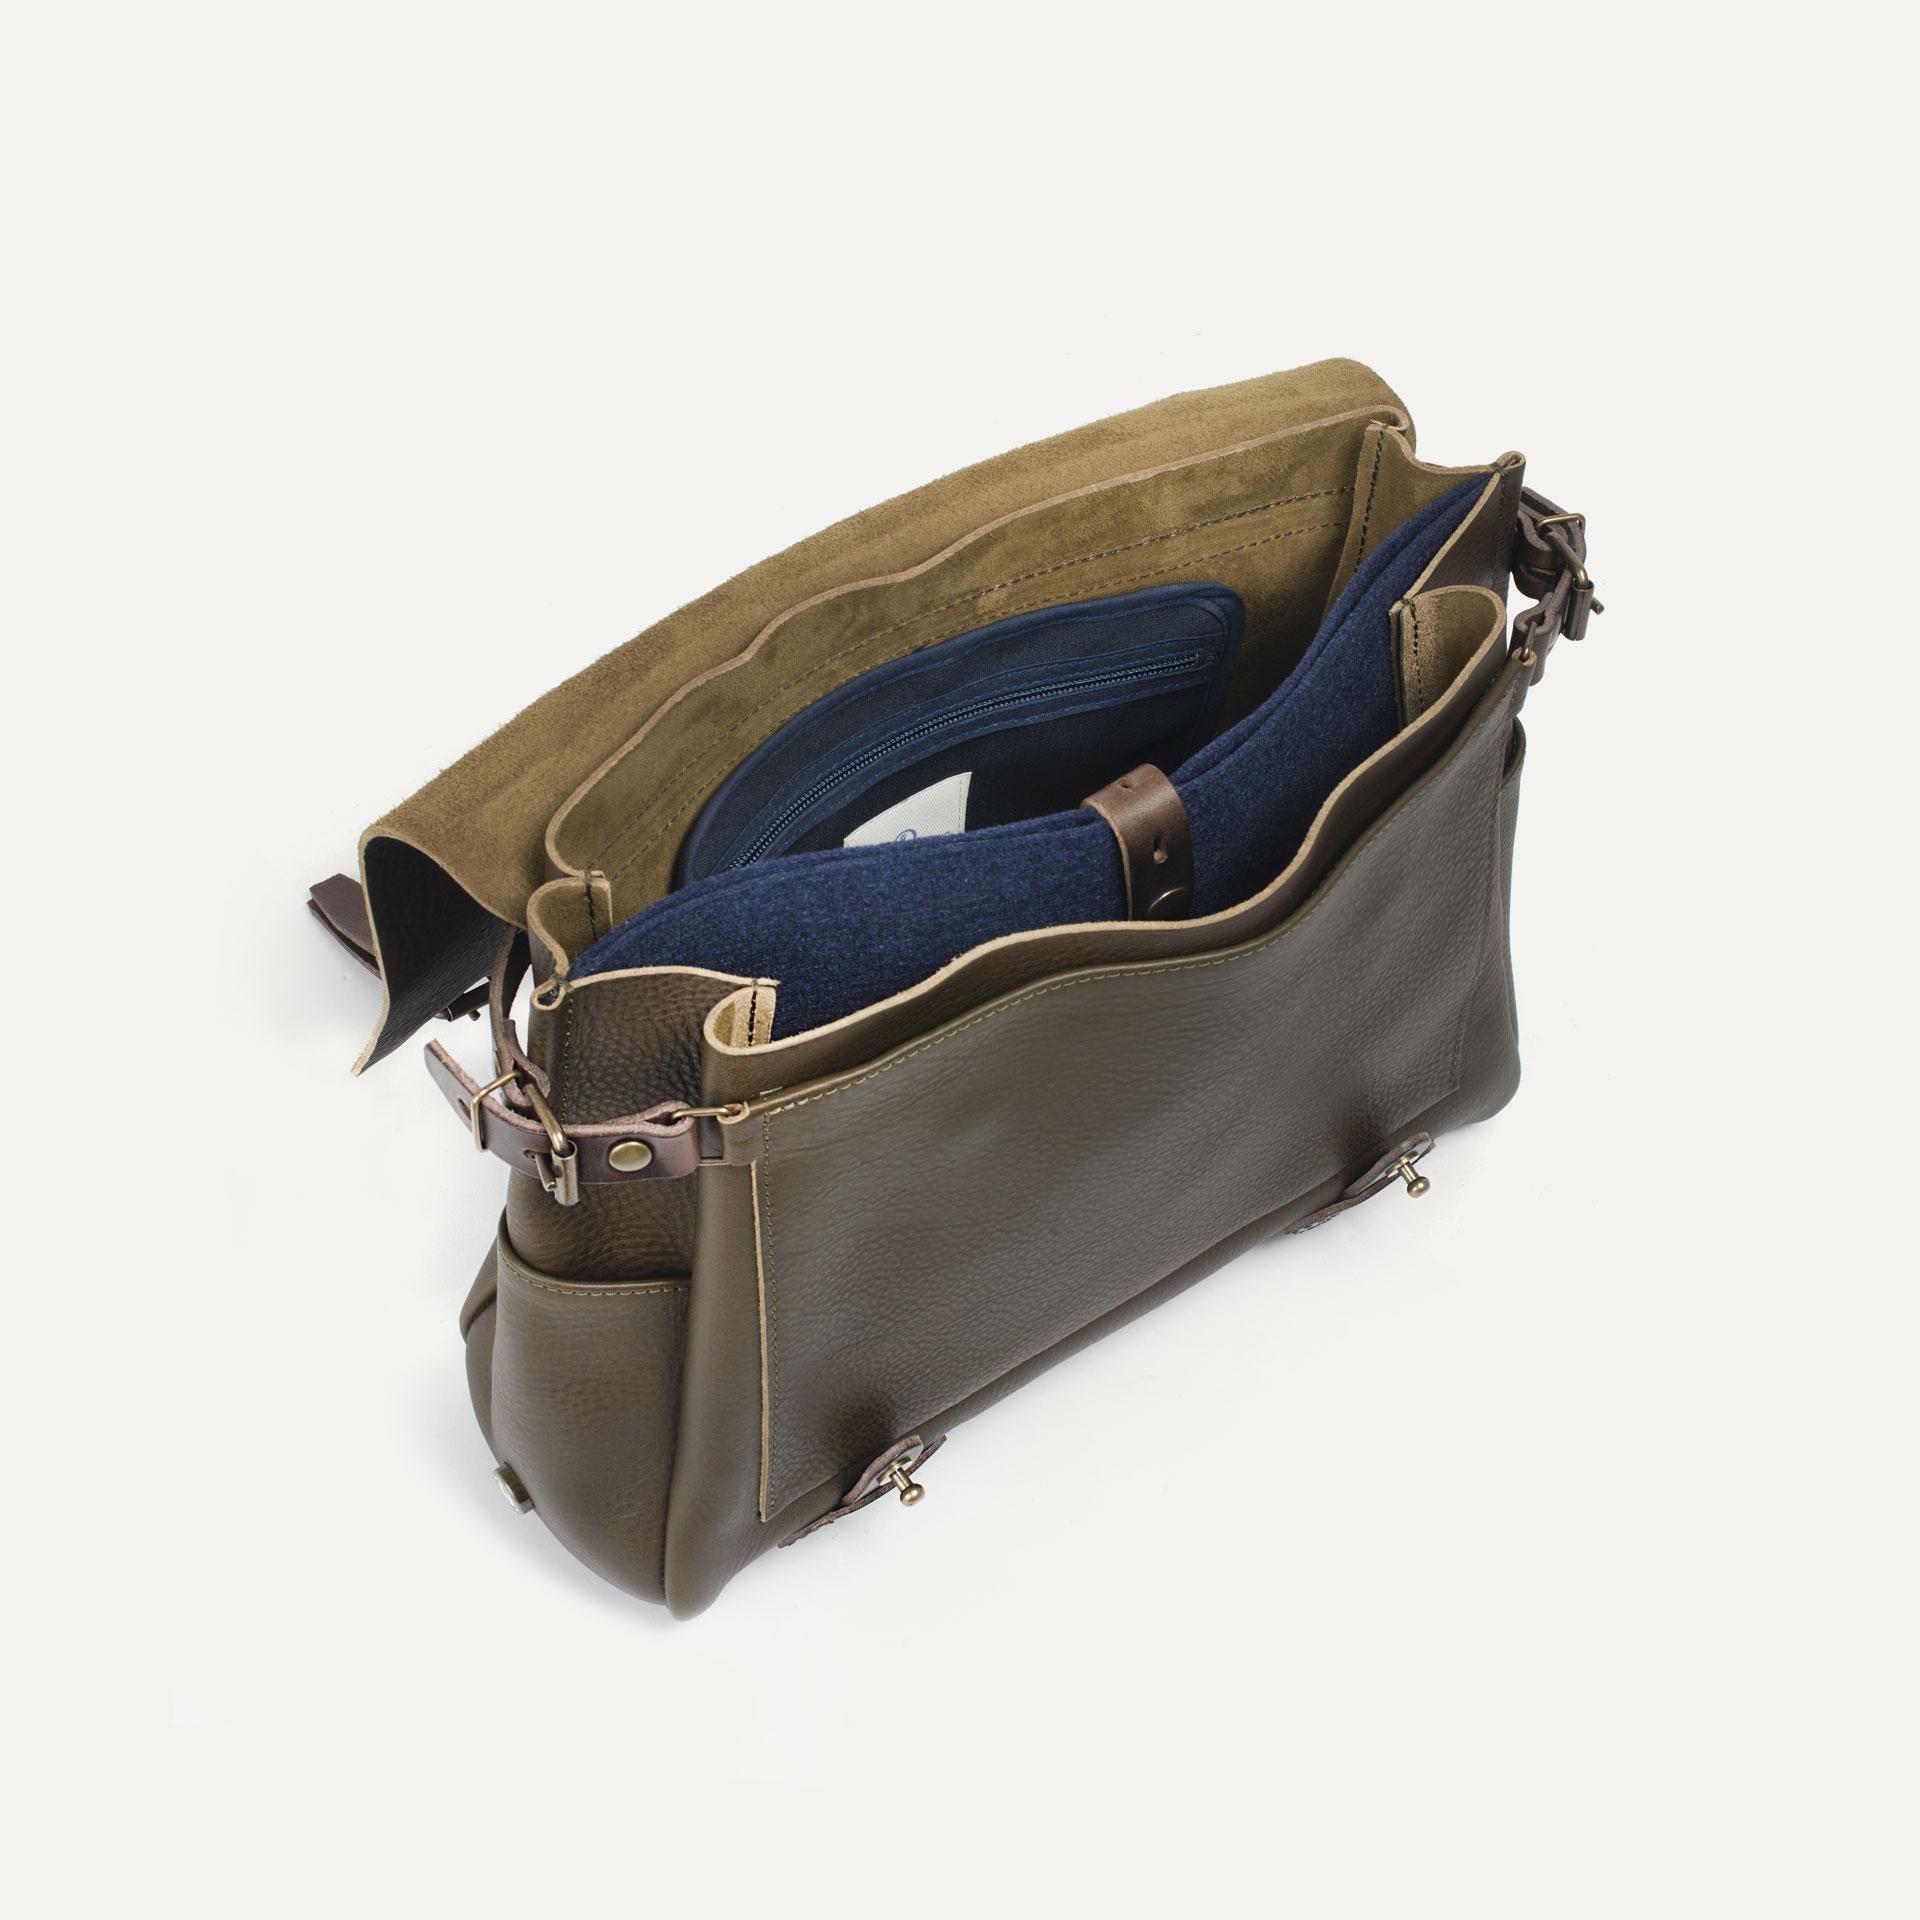 Postman bag Eclair M - Khaki (image n°4)